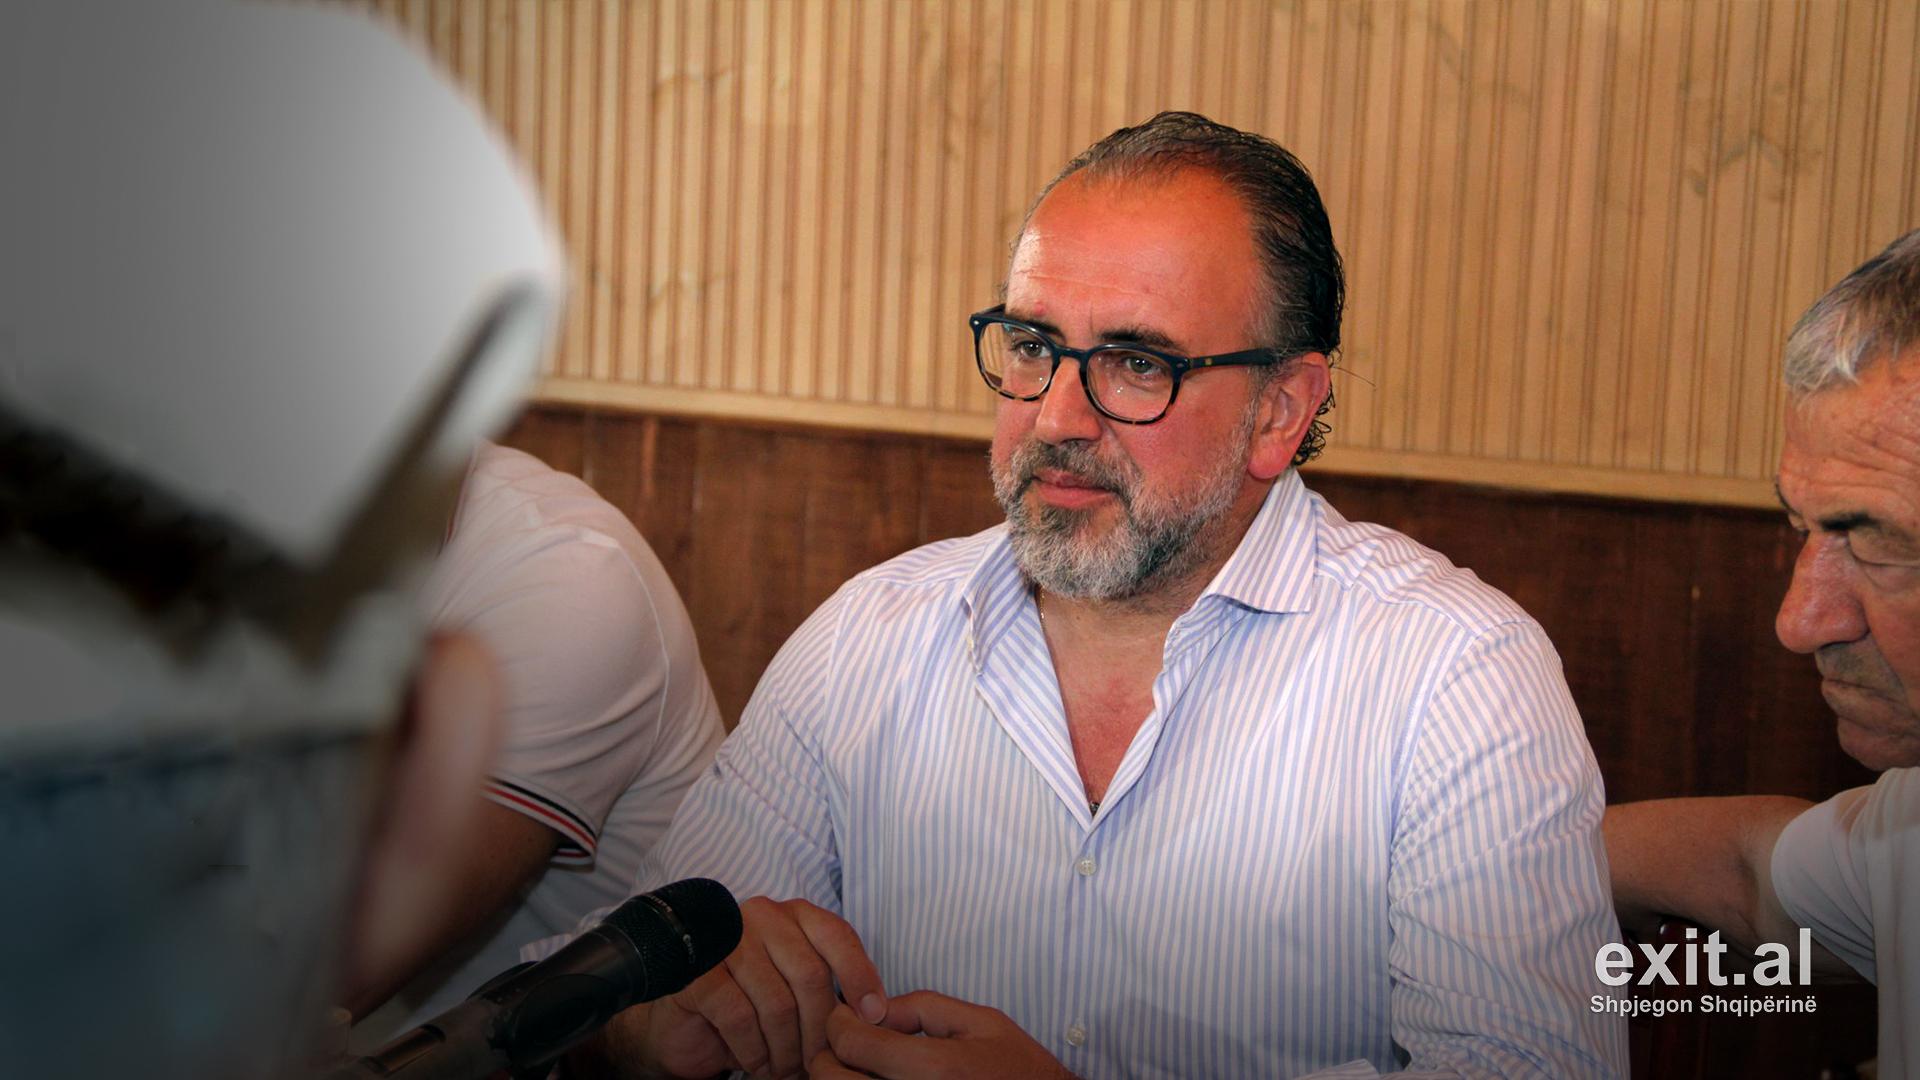 Digjet në mënyrë të dyshimtë makina e kryetarit të Bashkisë Vlorë Dritan Leli